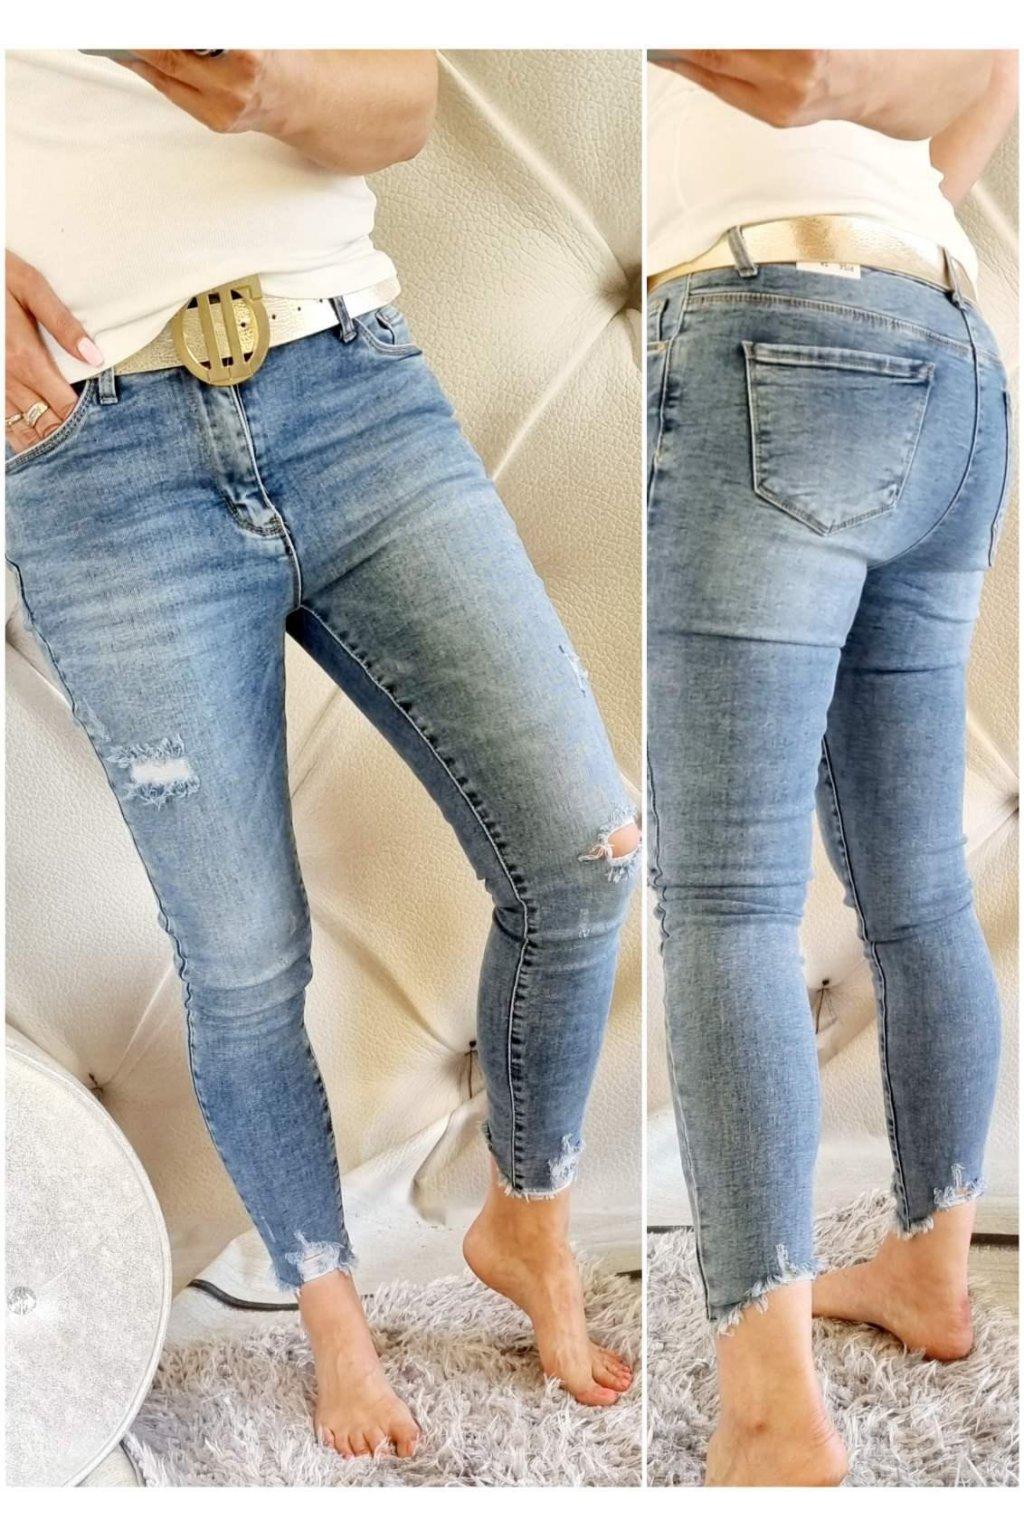 jeans světlé jemně trhané elastické pohodlné trendy